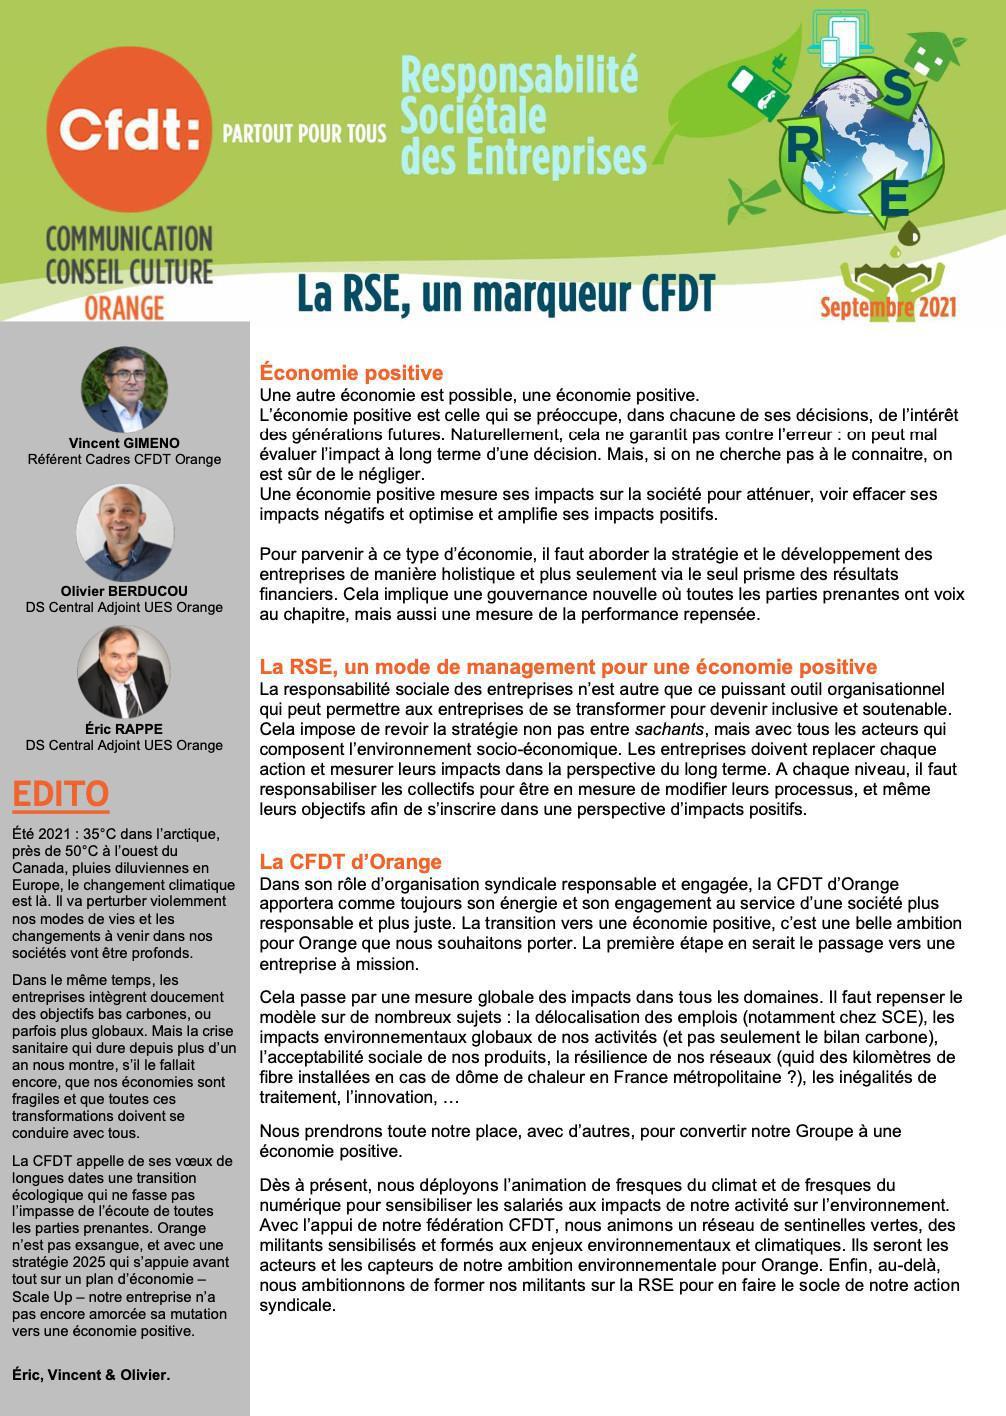 #RSE N°1 : la RSE, un marqueur CFDT